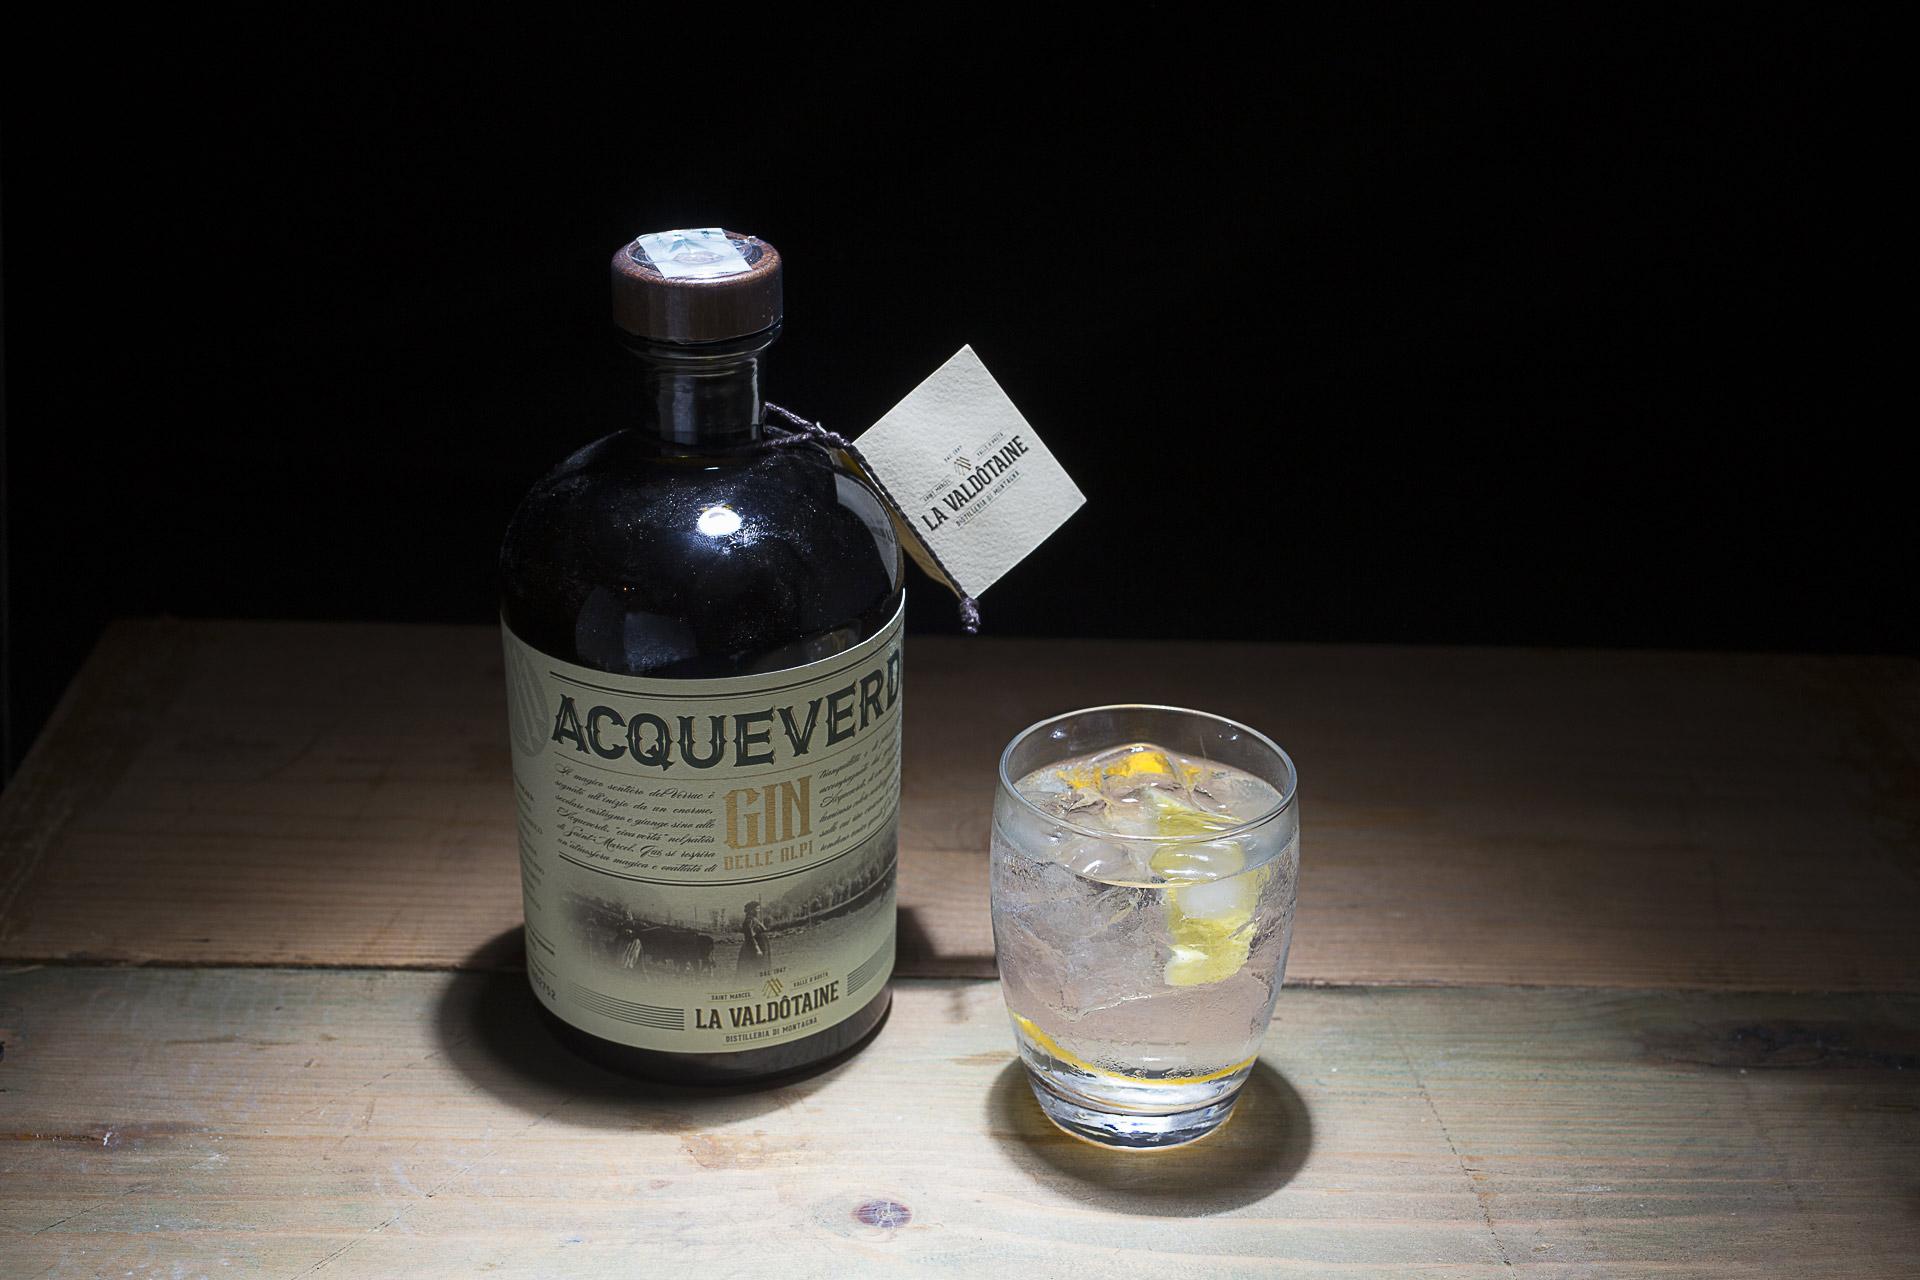 Il Gin Acqueverde della Valdotaine , marchio di Alberto Francòli, è stato la base per un robusto gin tonic che ha concluso la serata.